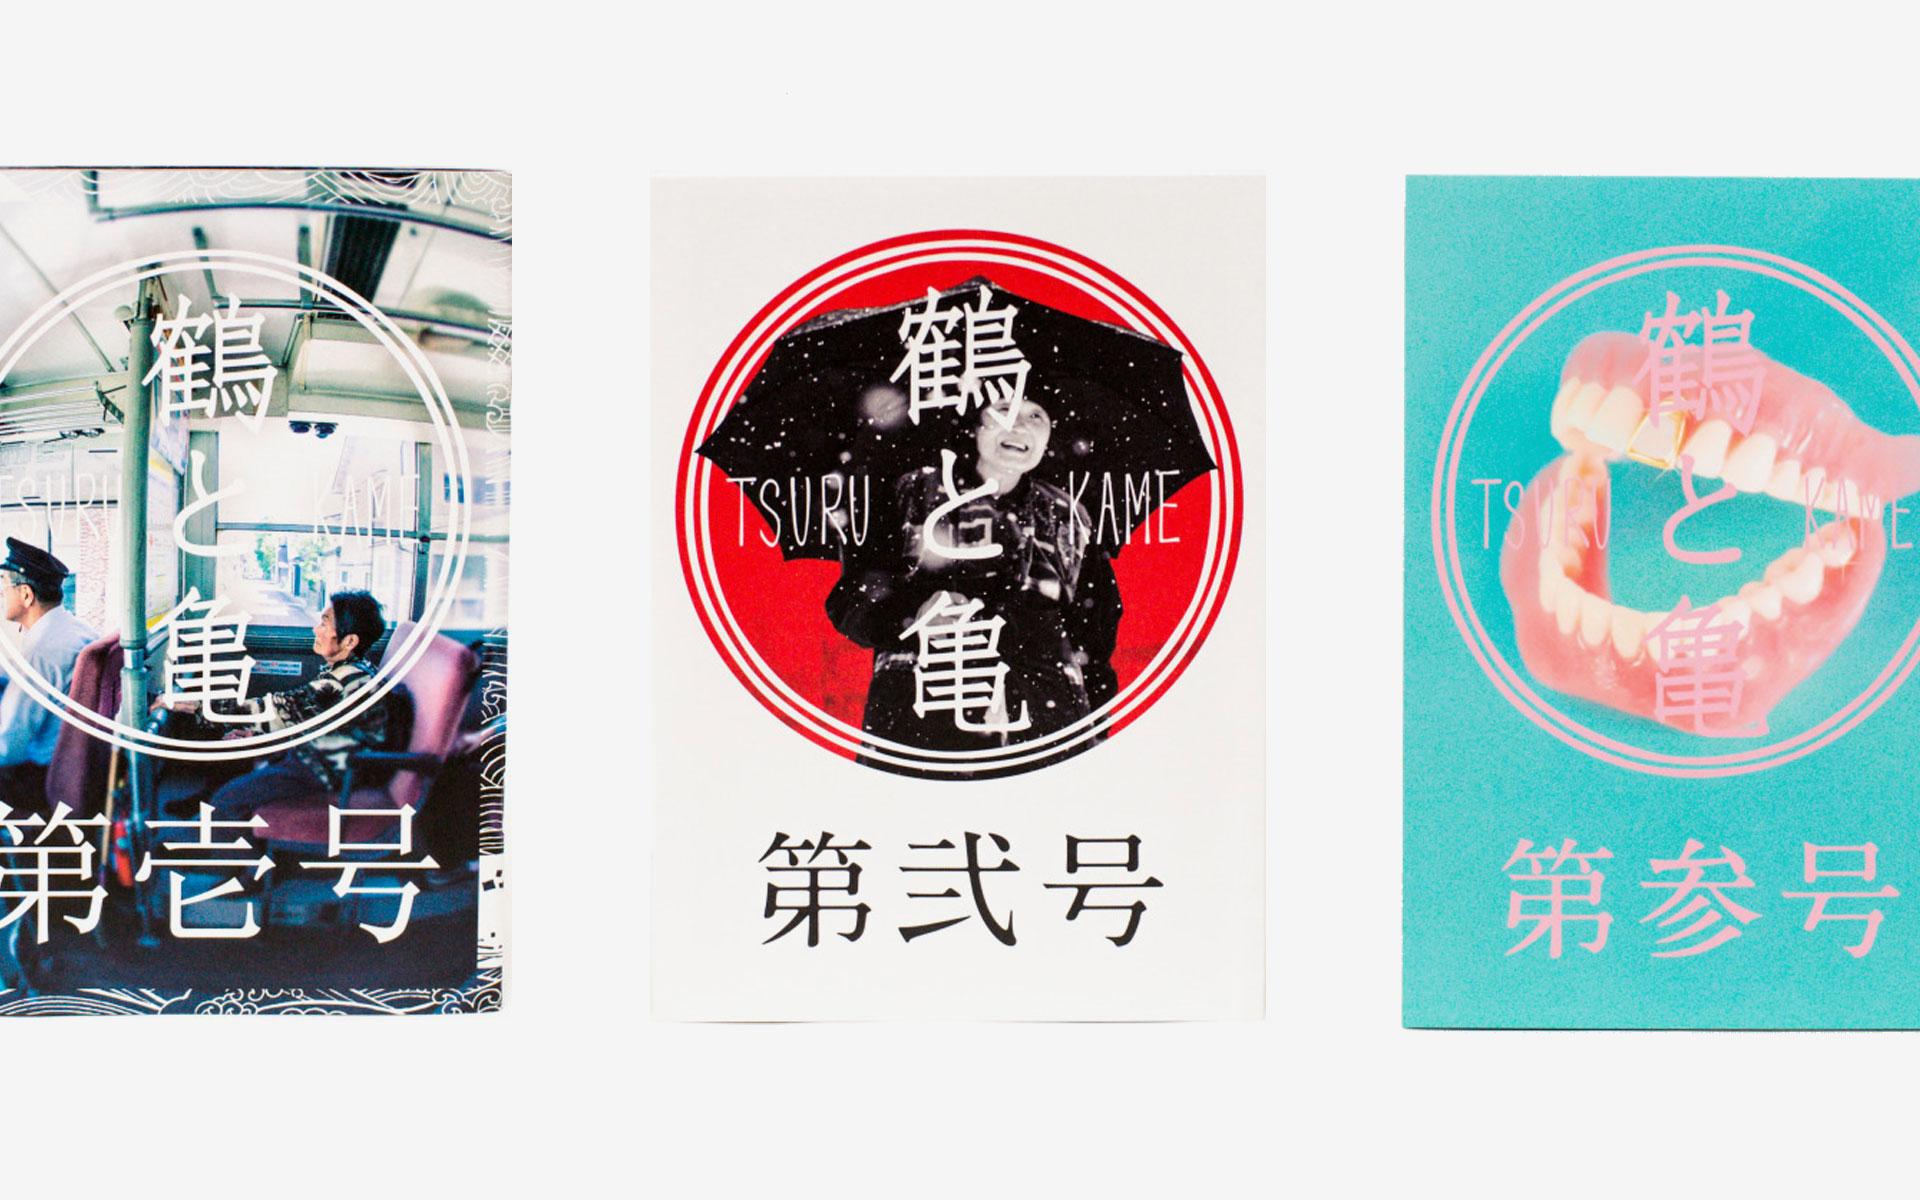 """奥信濃のイケてるじいちゃん・ばあちゃん×ストリートカルチャー """"鶴と亀"""""""